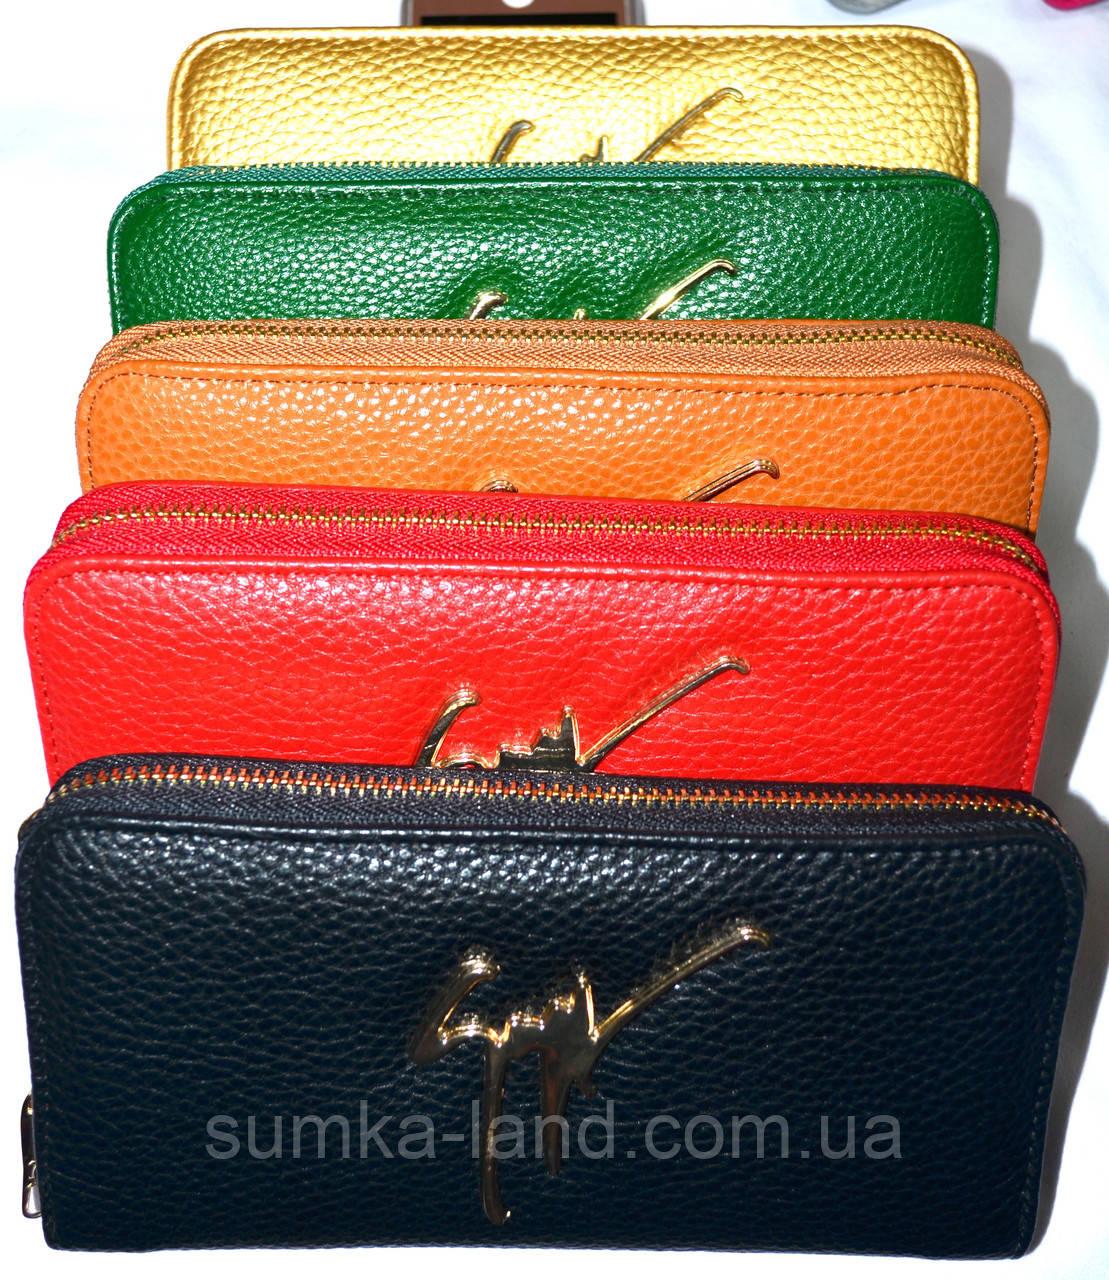 7139f00d196a Женские брендовые кошельки из искусственной кожи с ремешком на руку 19*10 -  SUMKA-